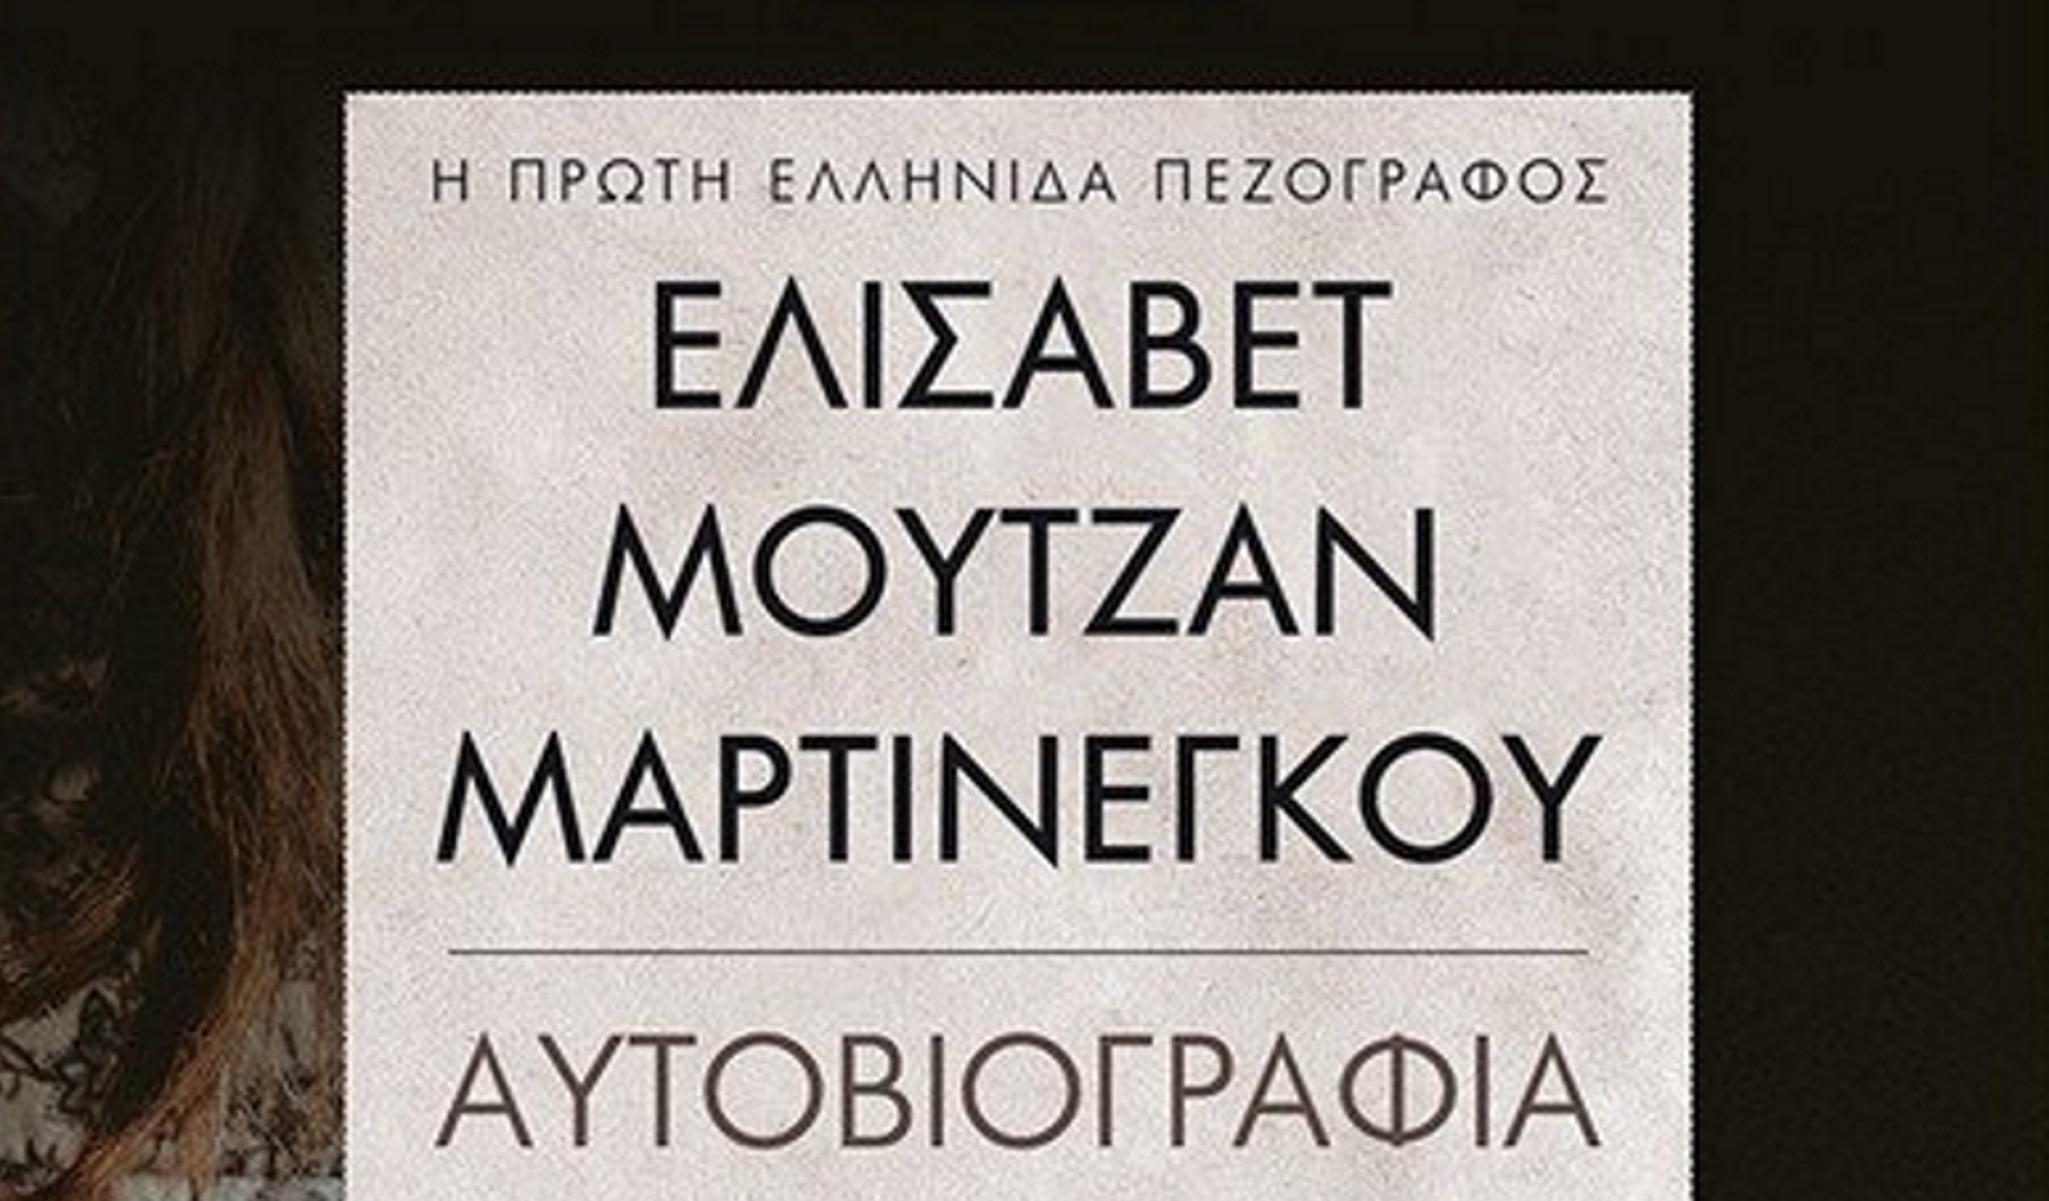 Ελισάβετ Μουτζάν Μαρτινέγκου: Συγκλονιστική αποκάλυψη για την πρώτη Ελληνίδα πεζογράφο